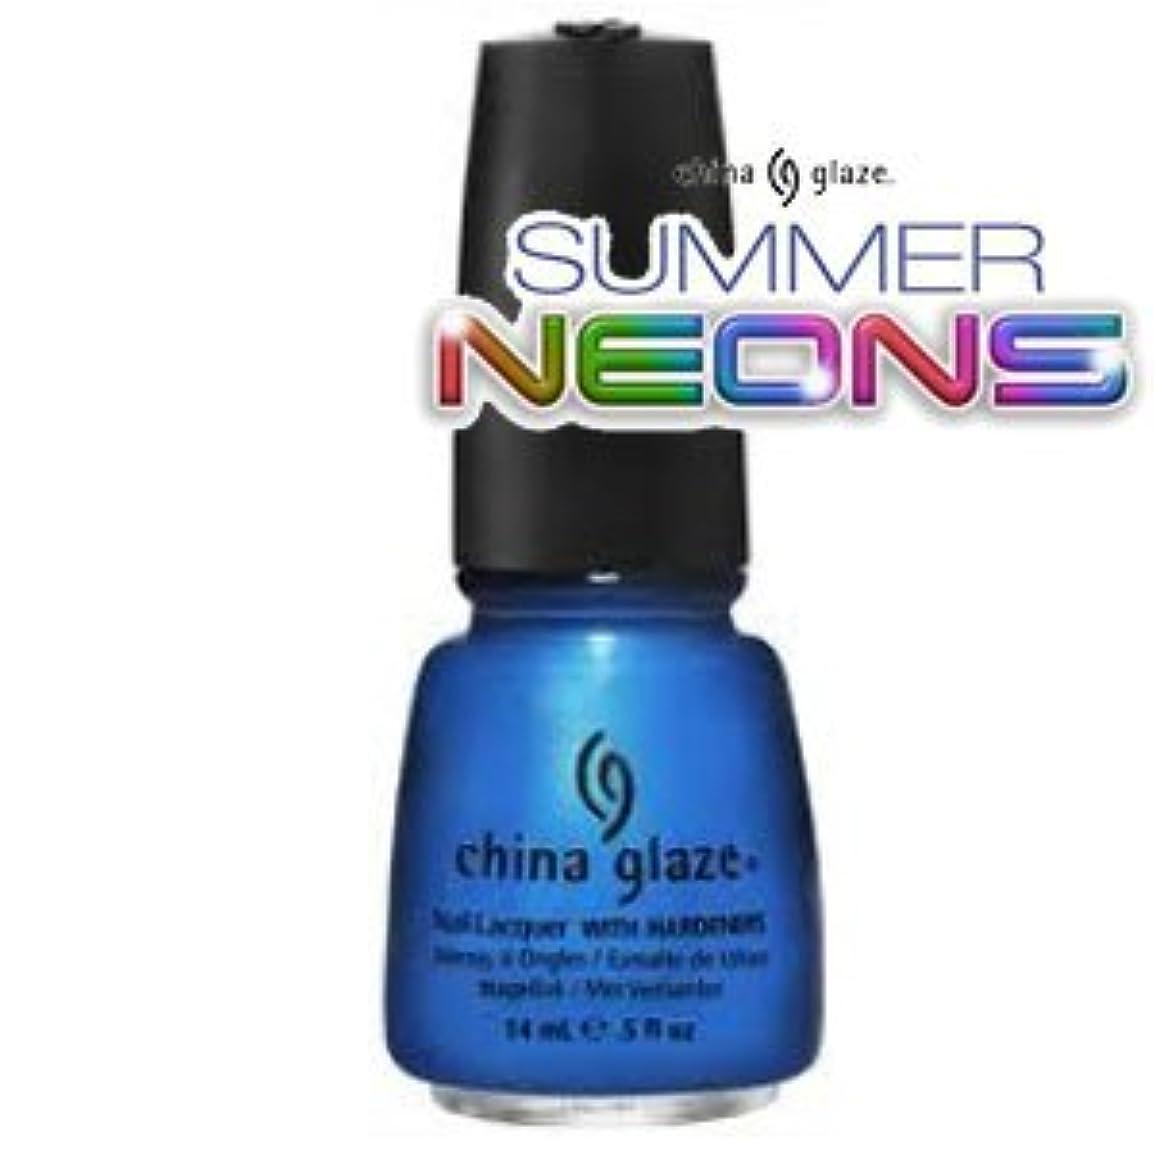 過敏なブラザーコンバーチブル(チャイナグレイズ)China Glaze Splish Splashーサマーネオン コレクション [海外直送品][並行輸入品]